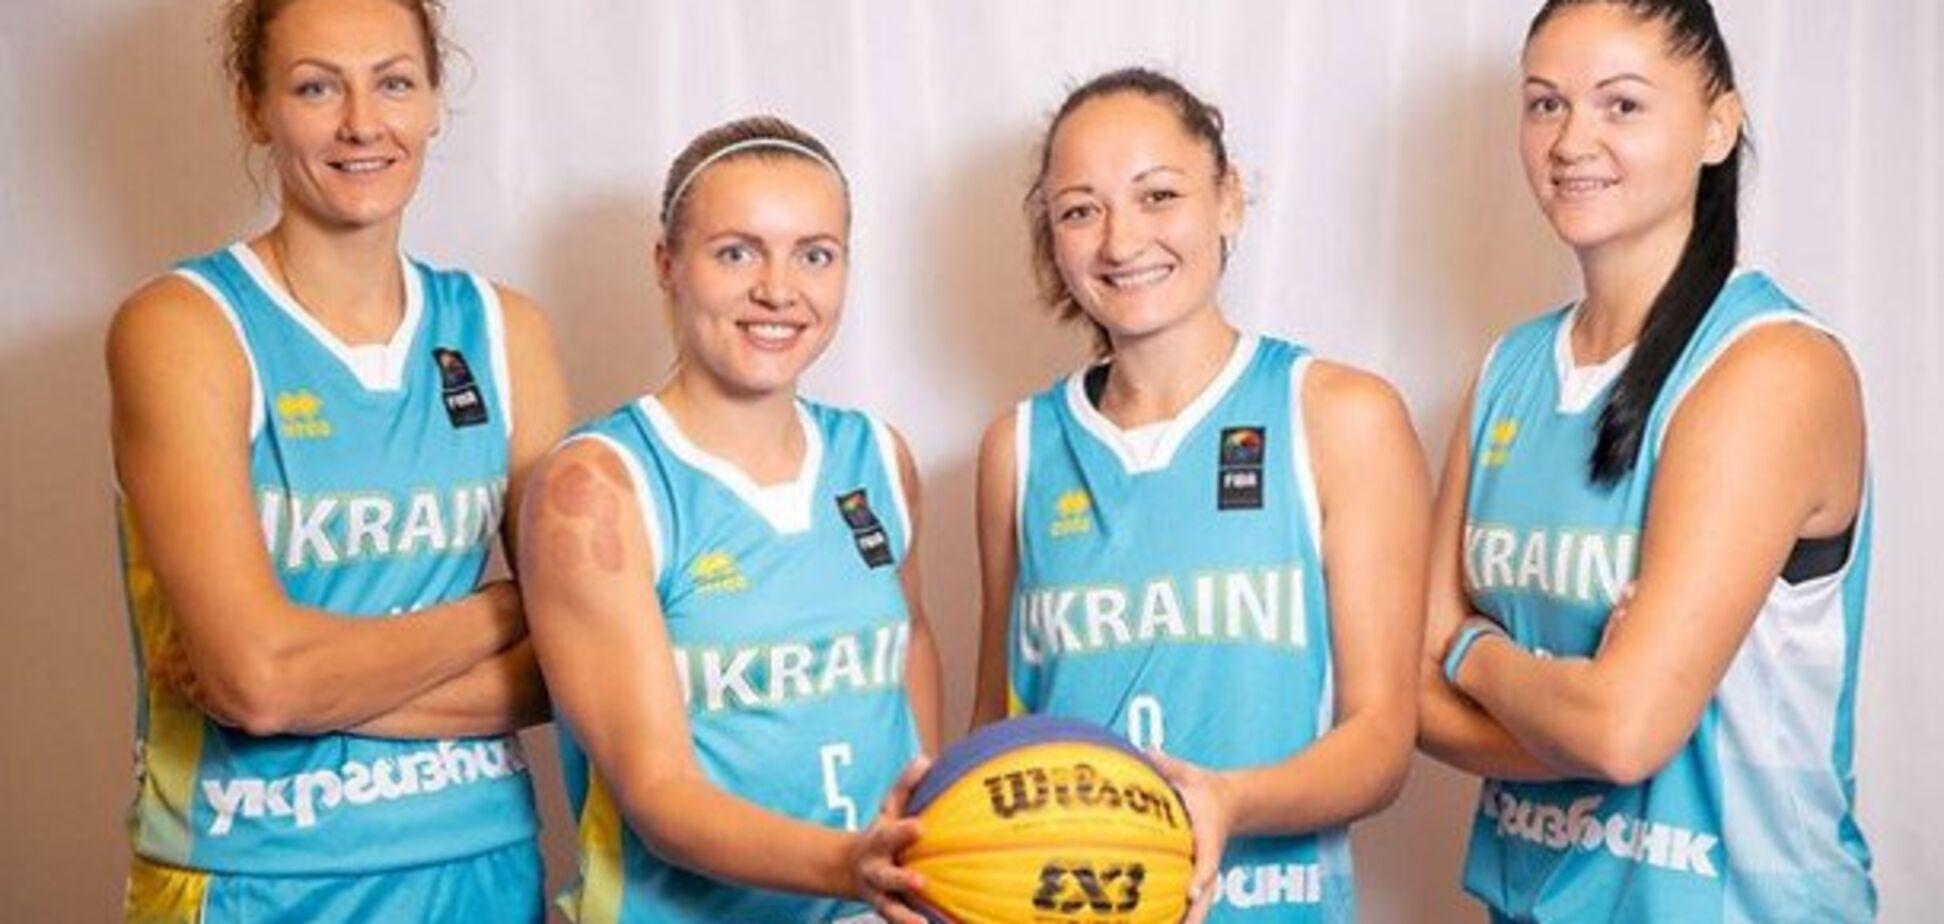 НОК України знайшов гроші на підготовку баскетбольних збірних 3х3 до Олімпіади-2020